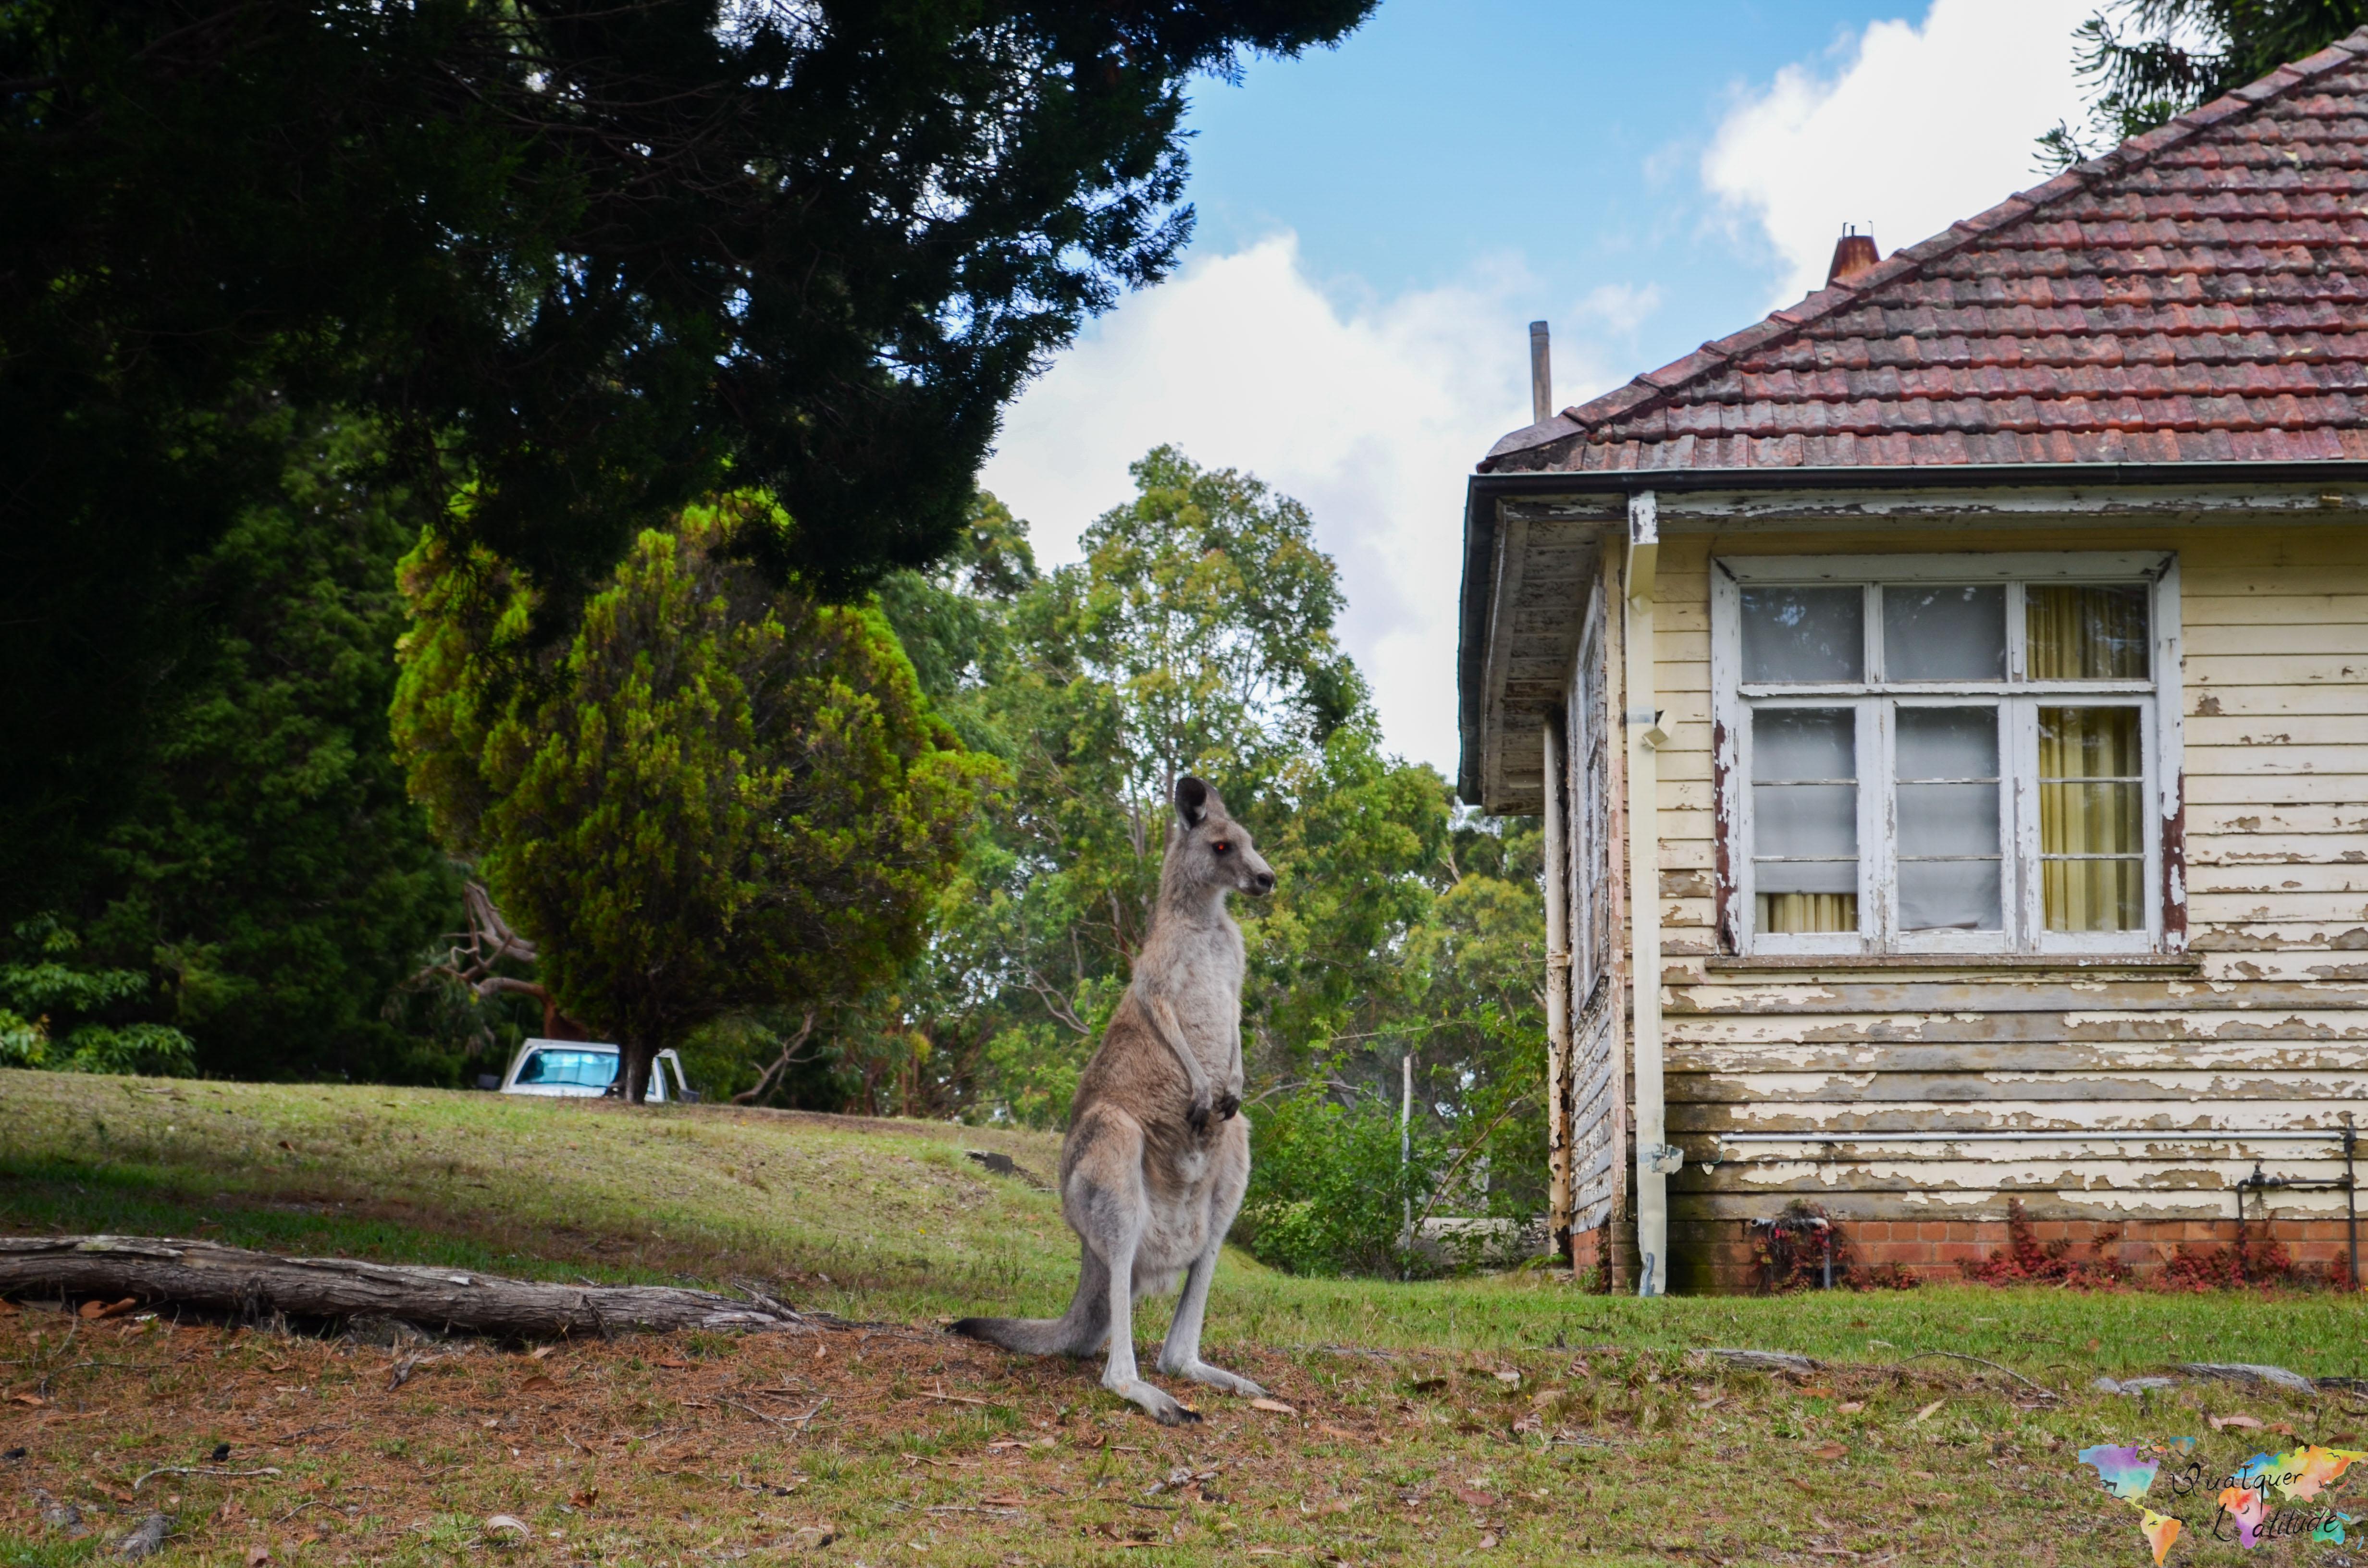 Austrália: Brincando com cangurus